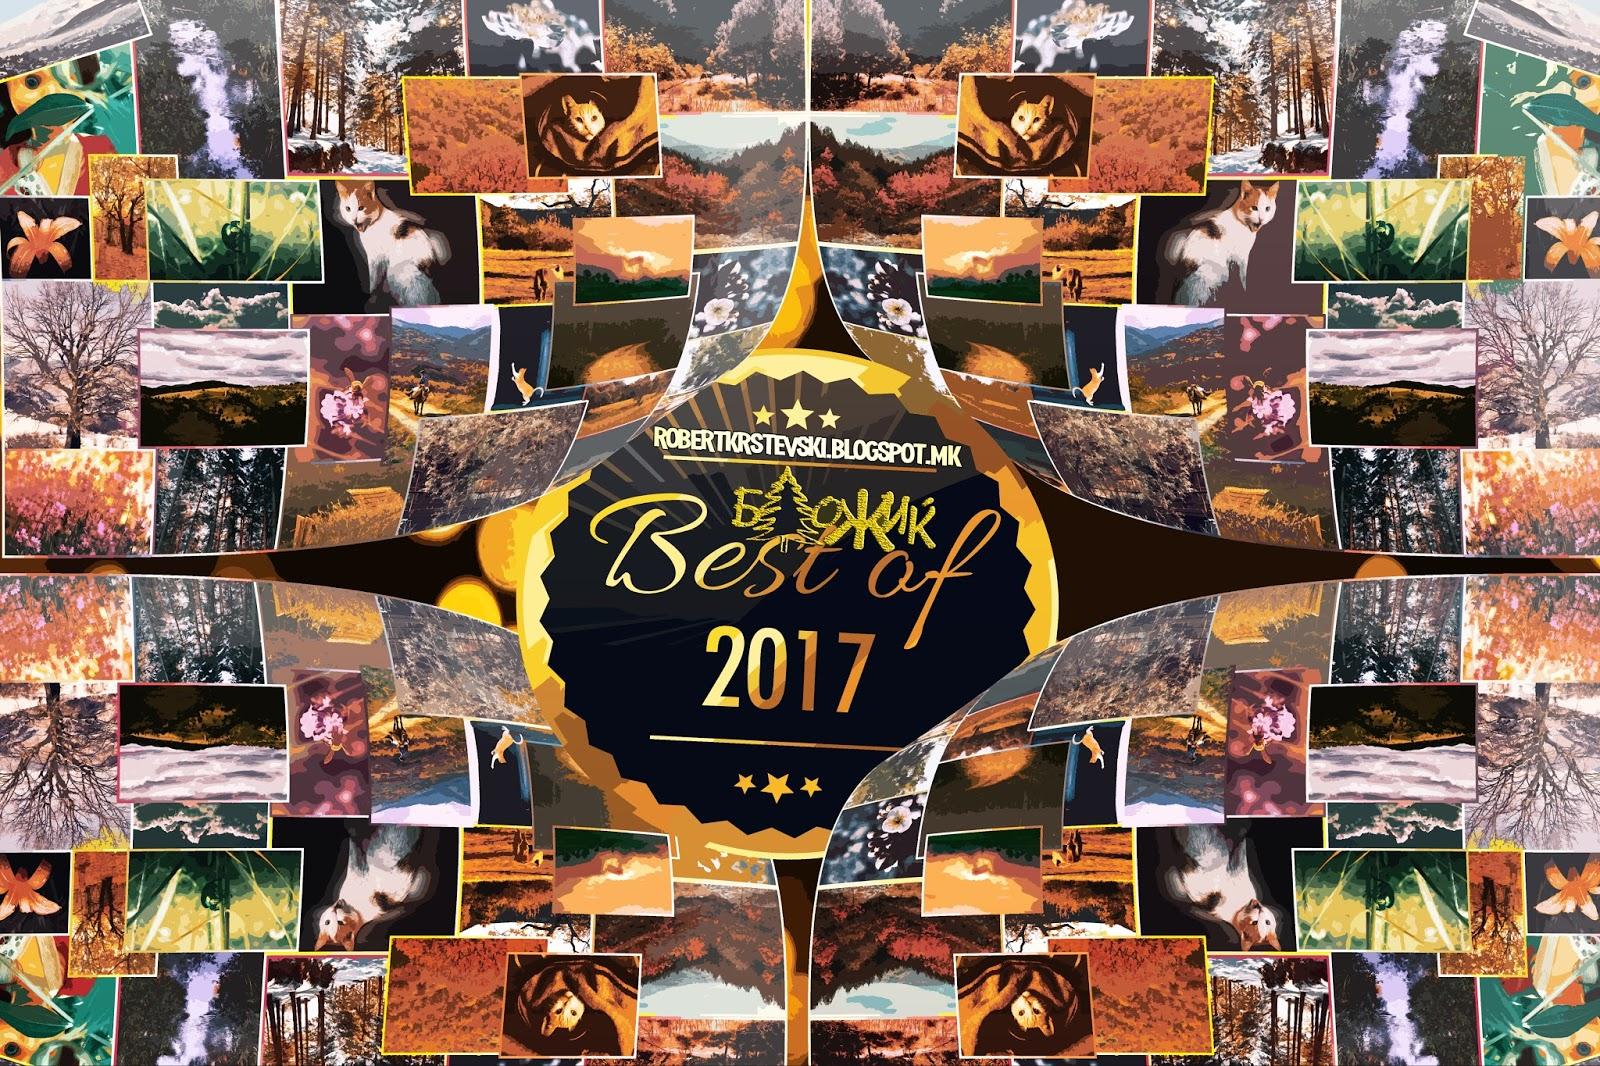 ★ BEST OF 2017